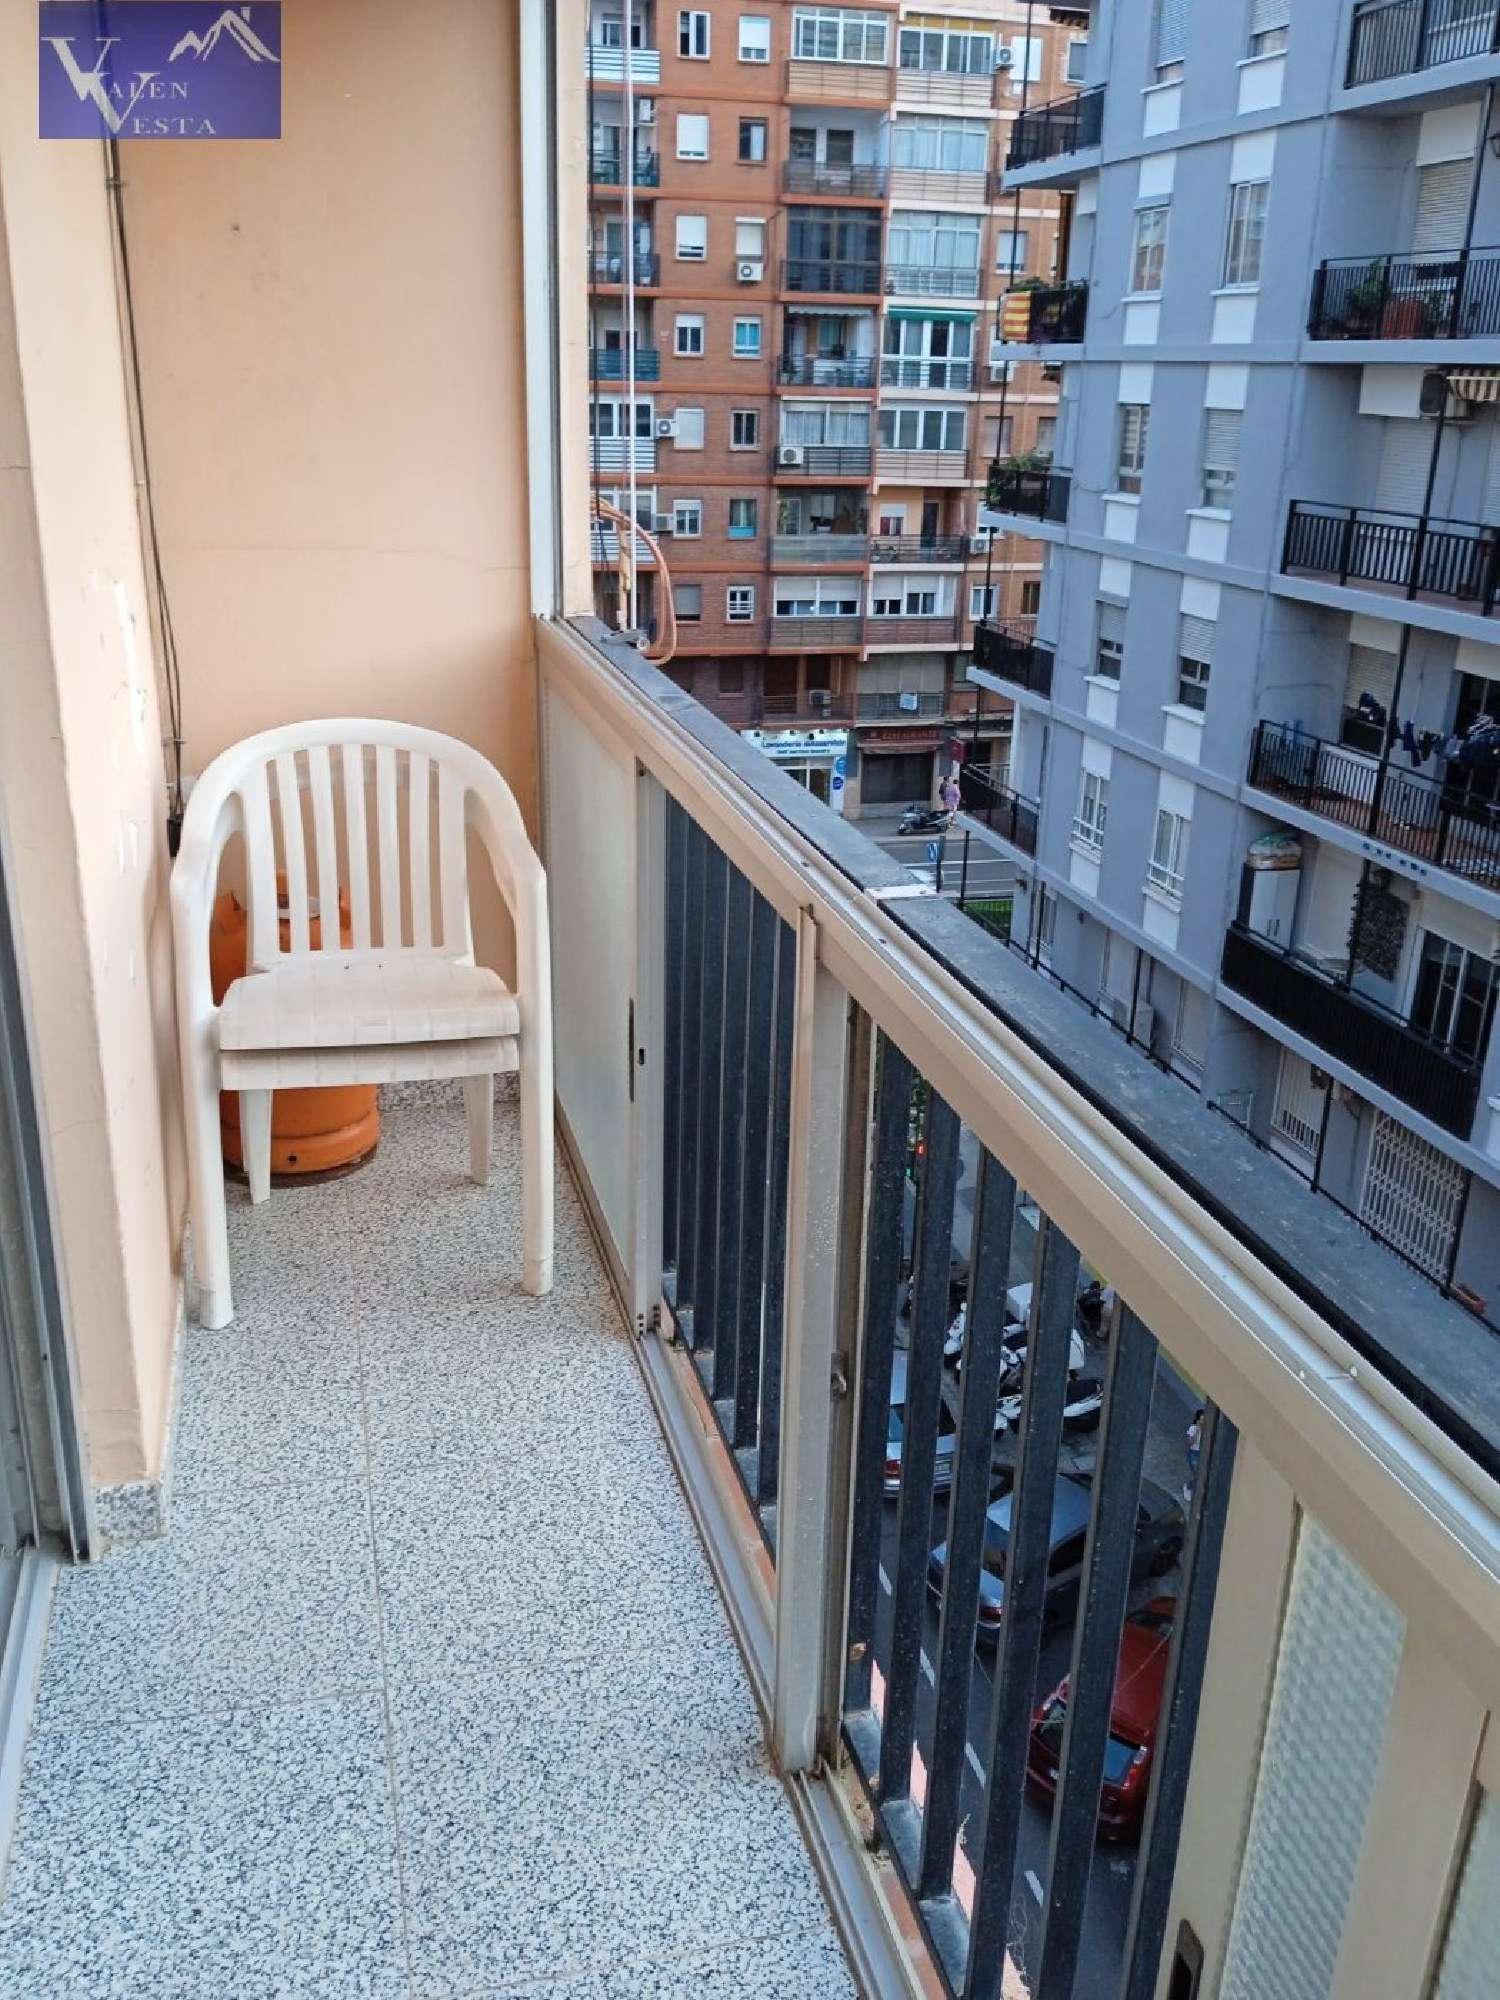 pueblo nuevo valencia piso foto 4640834